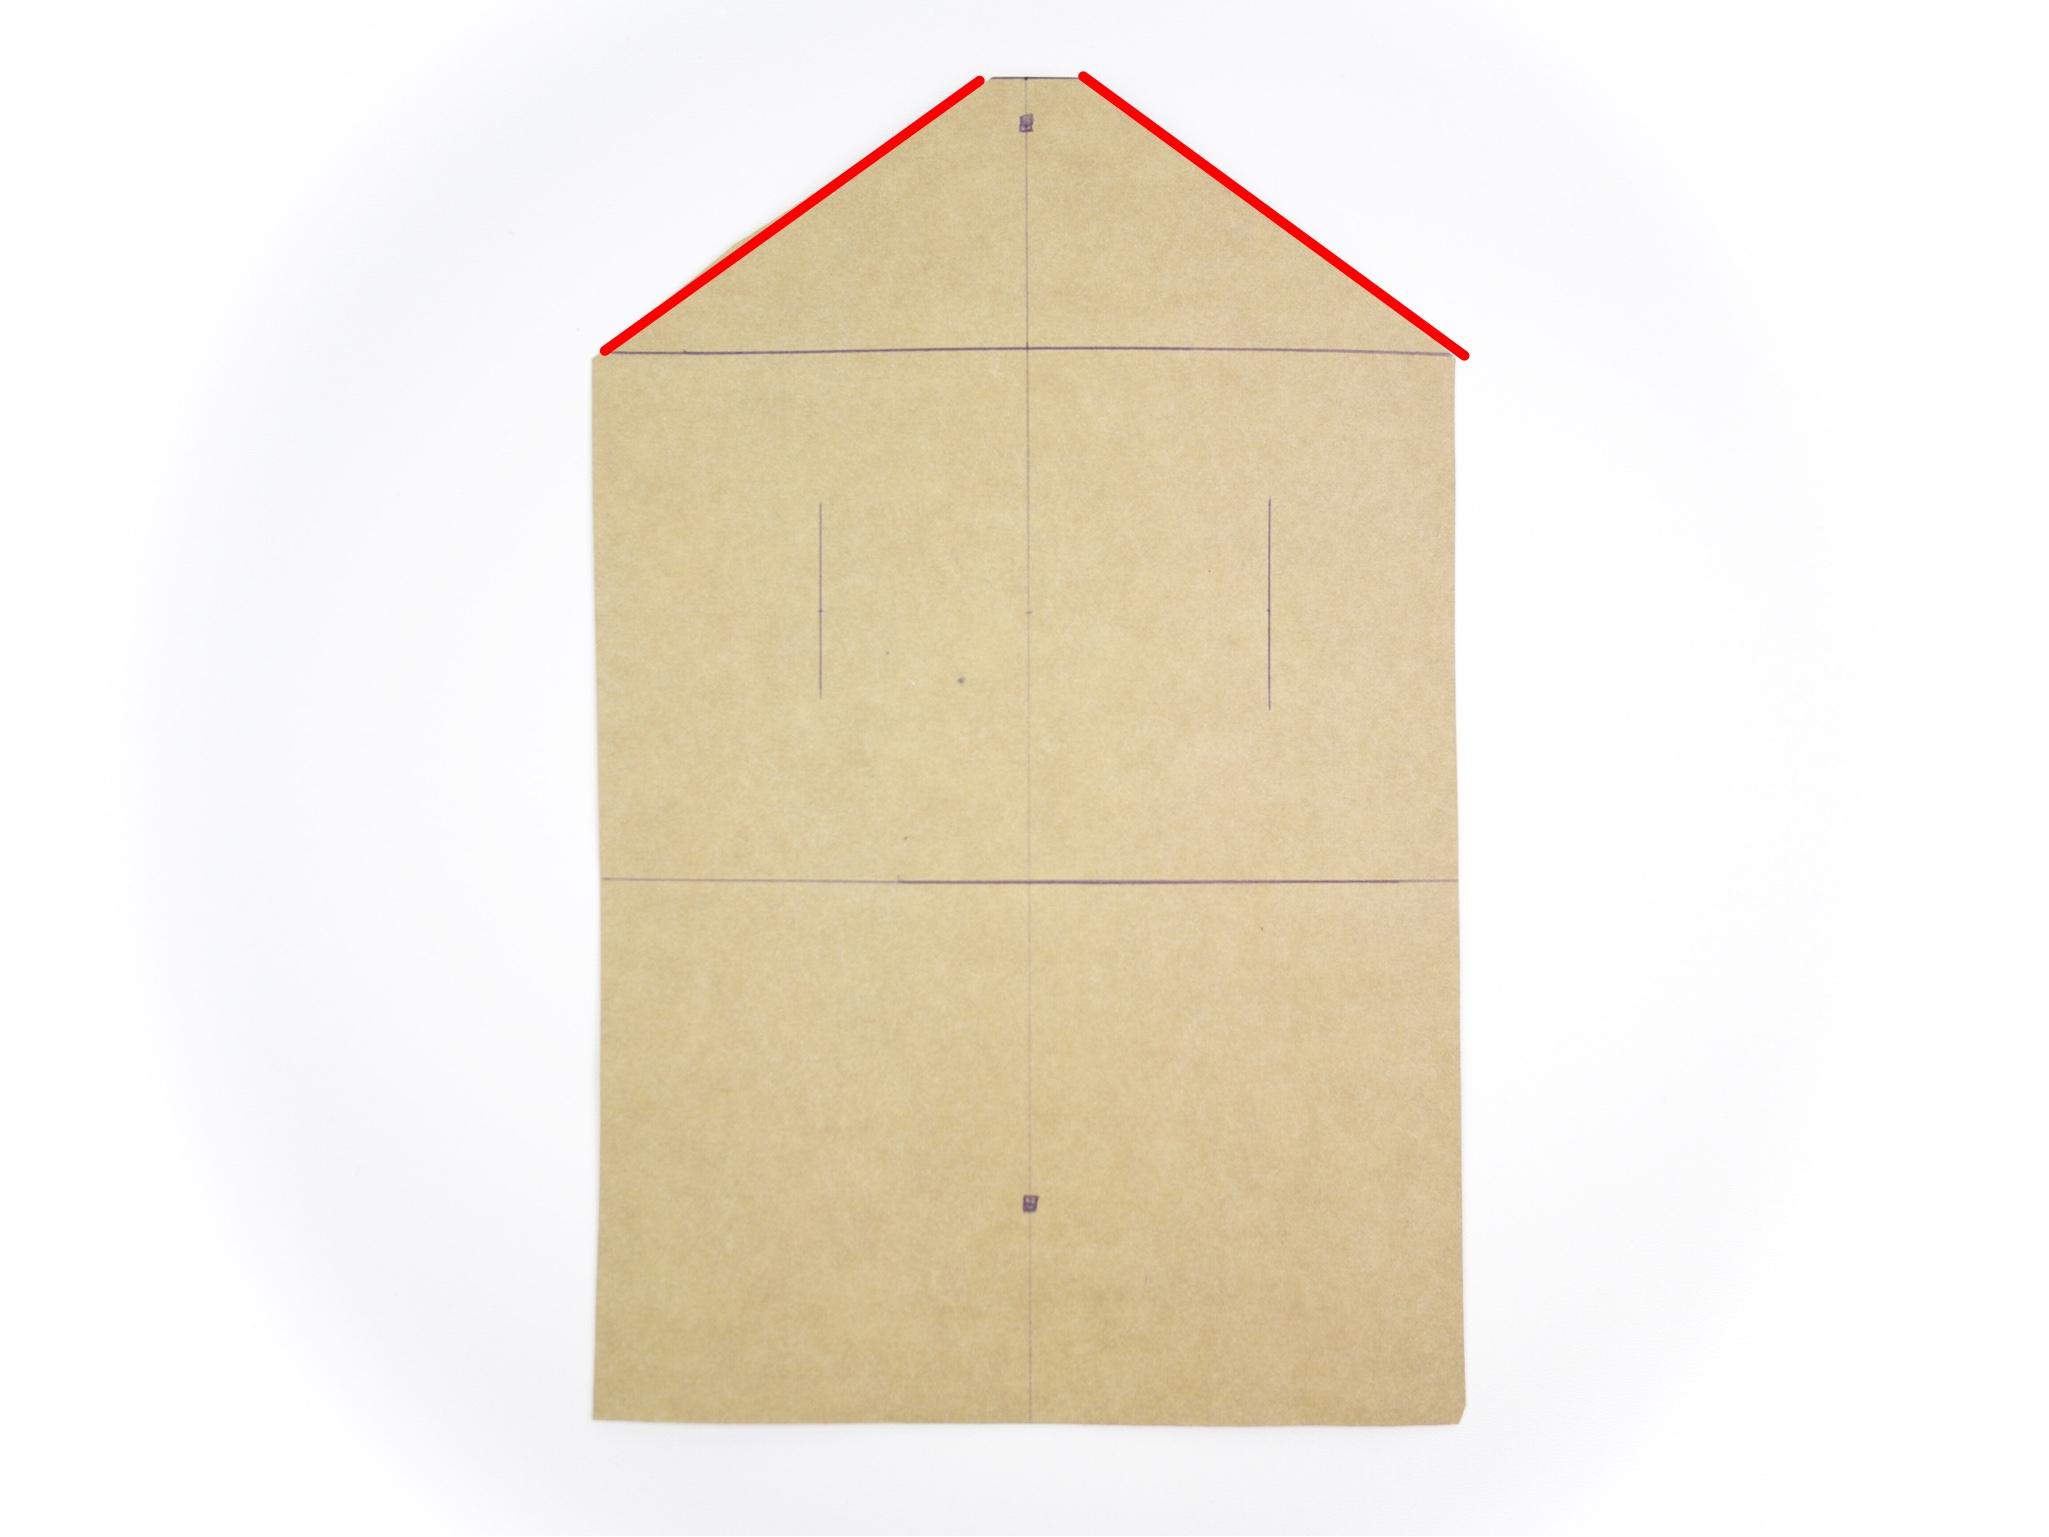 - Zeichnet jetzt die Diagonale ein.